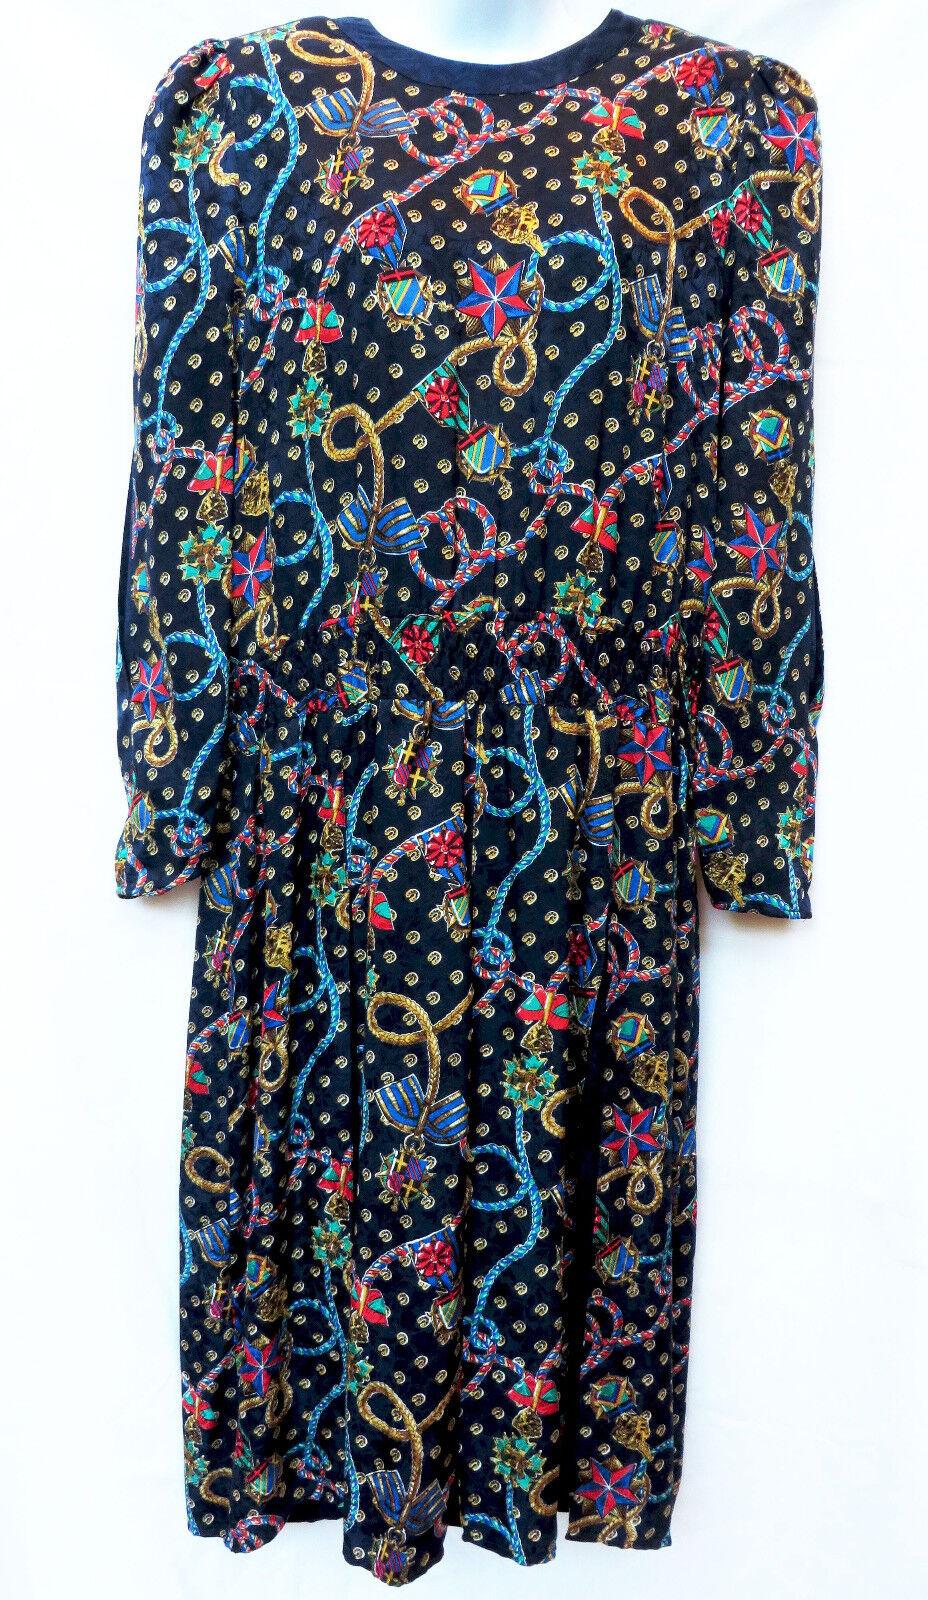 De  Colección Diane Freis Originals Mujeres Floral Vestido Plisado Retro Mod L XL  barato en alta calidad